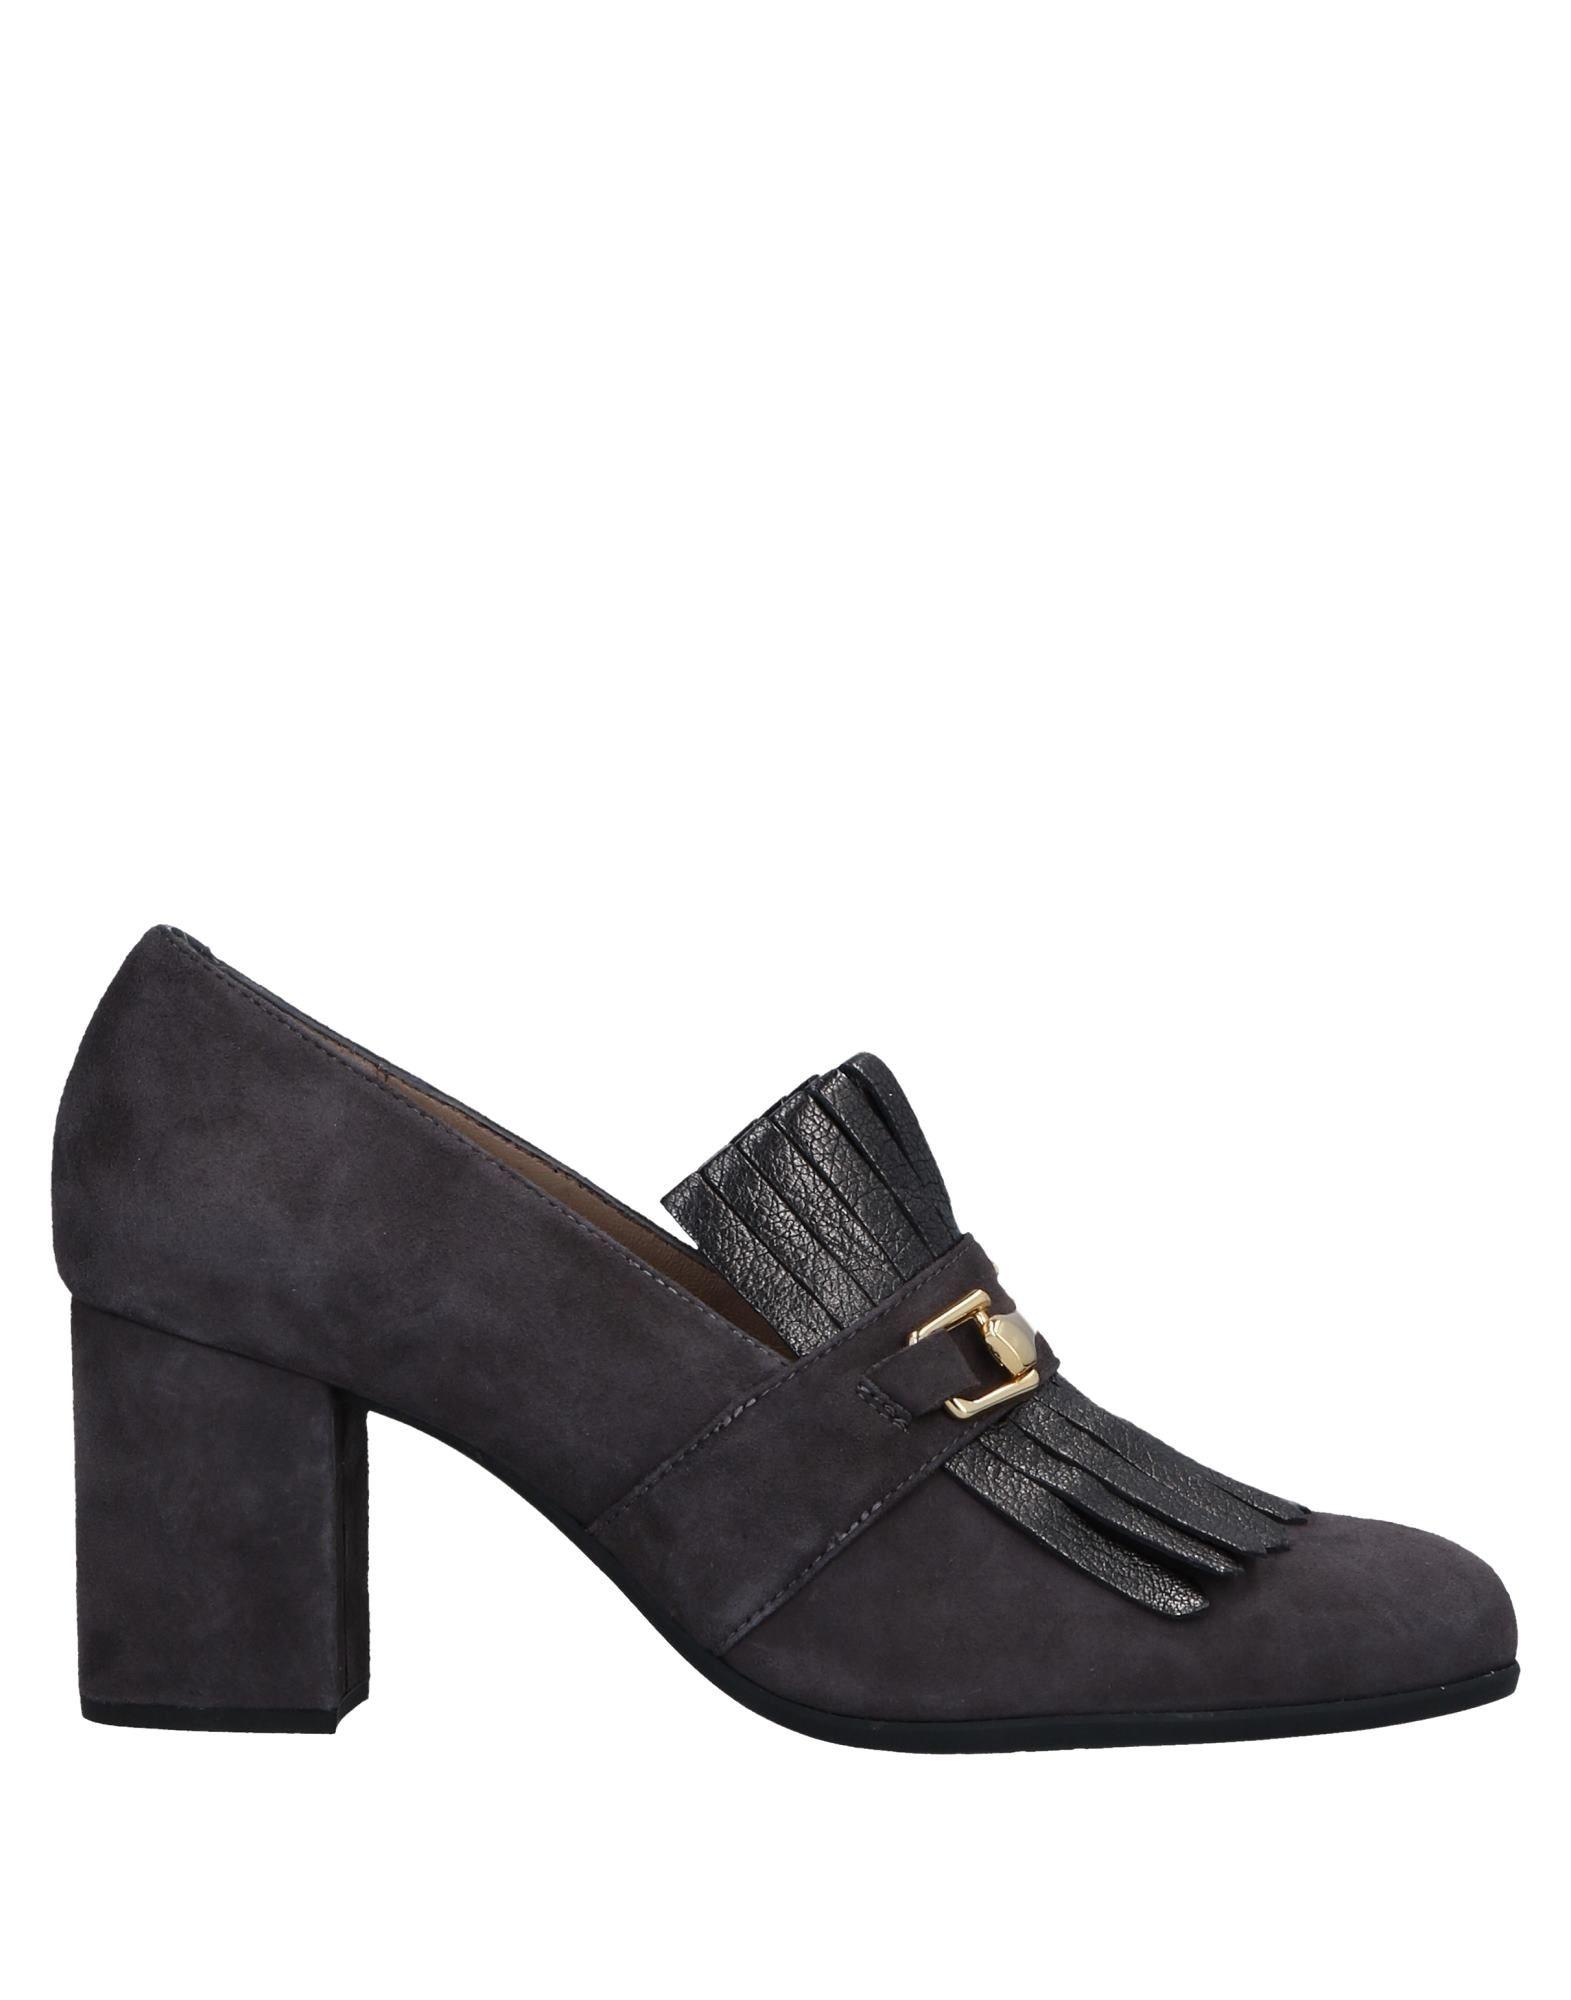 Unisa Mokassins Damen  11514828CD Gute Qualität beliebte Schuhe